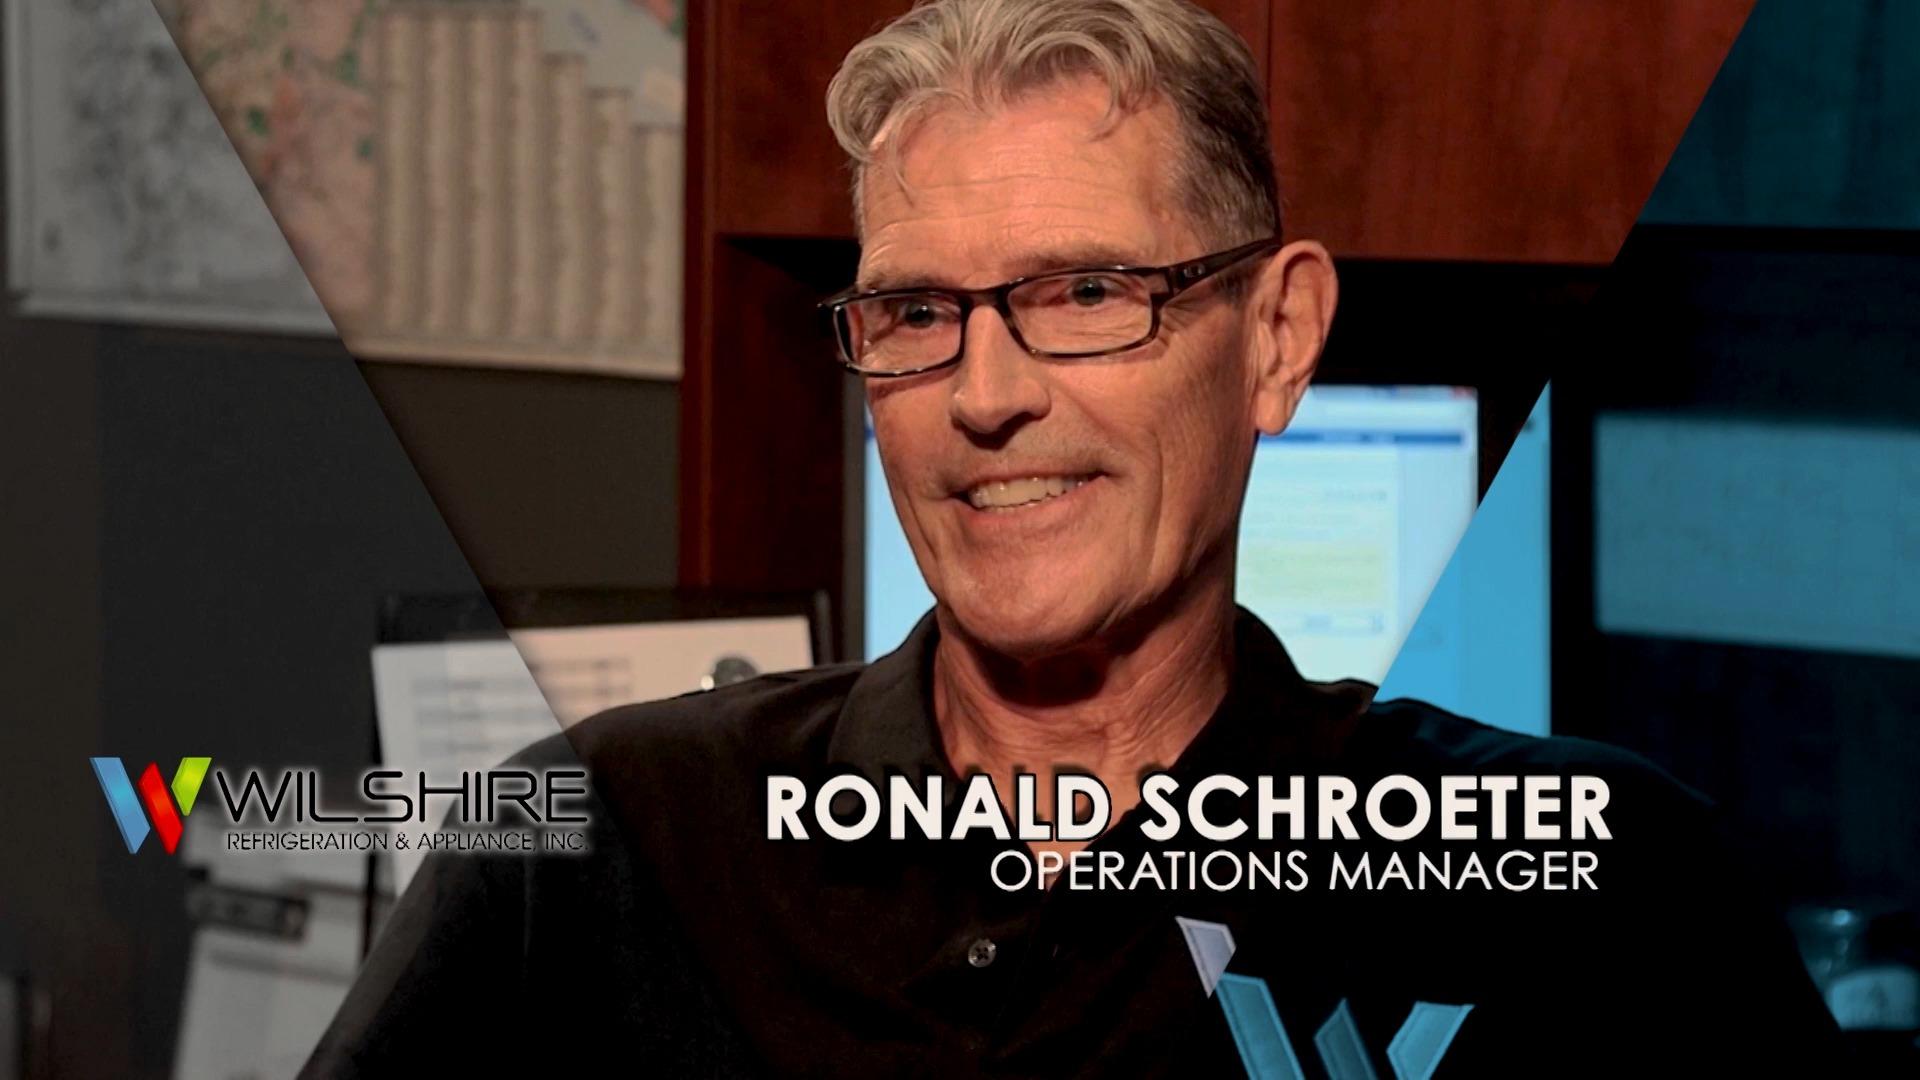 Robert Schroeter